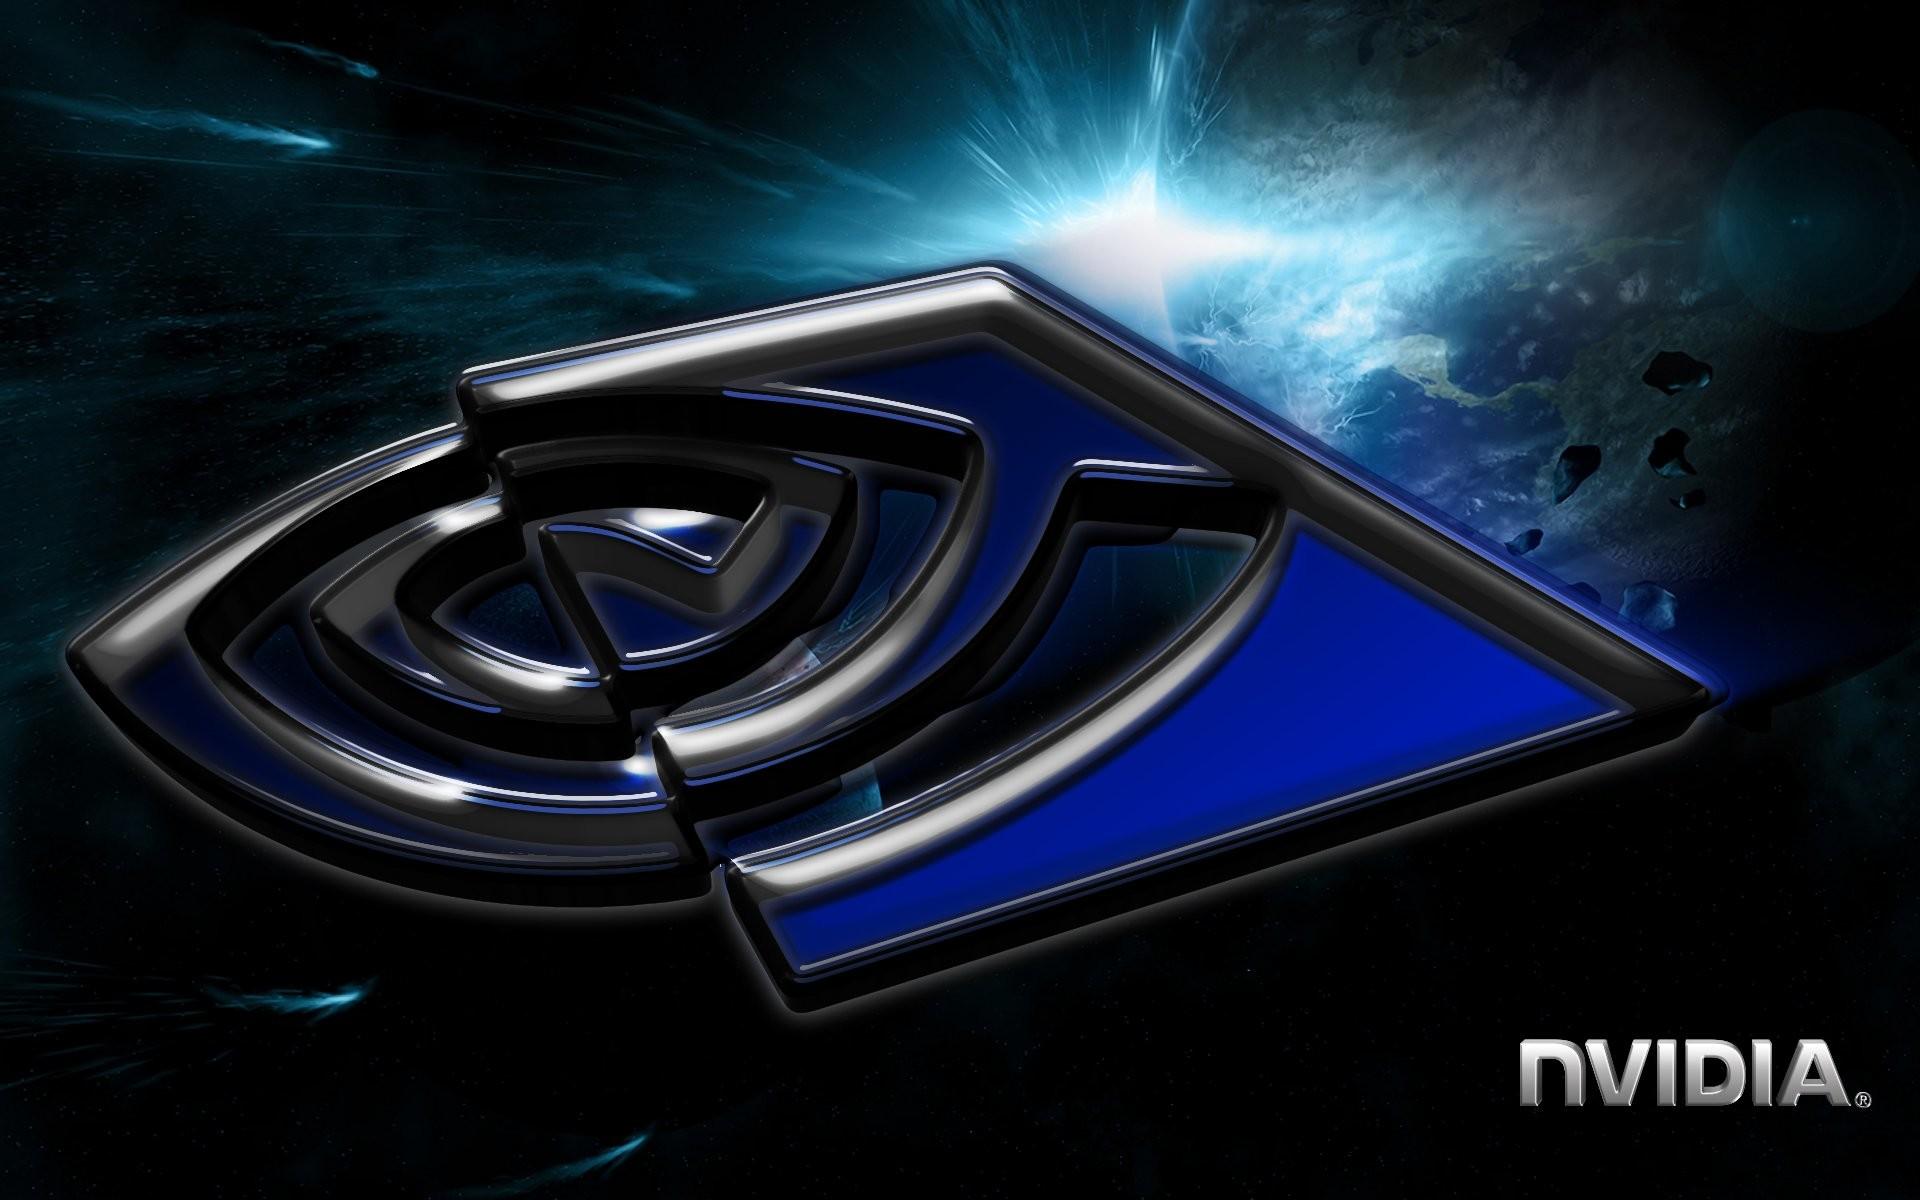 Nvidia Blue